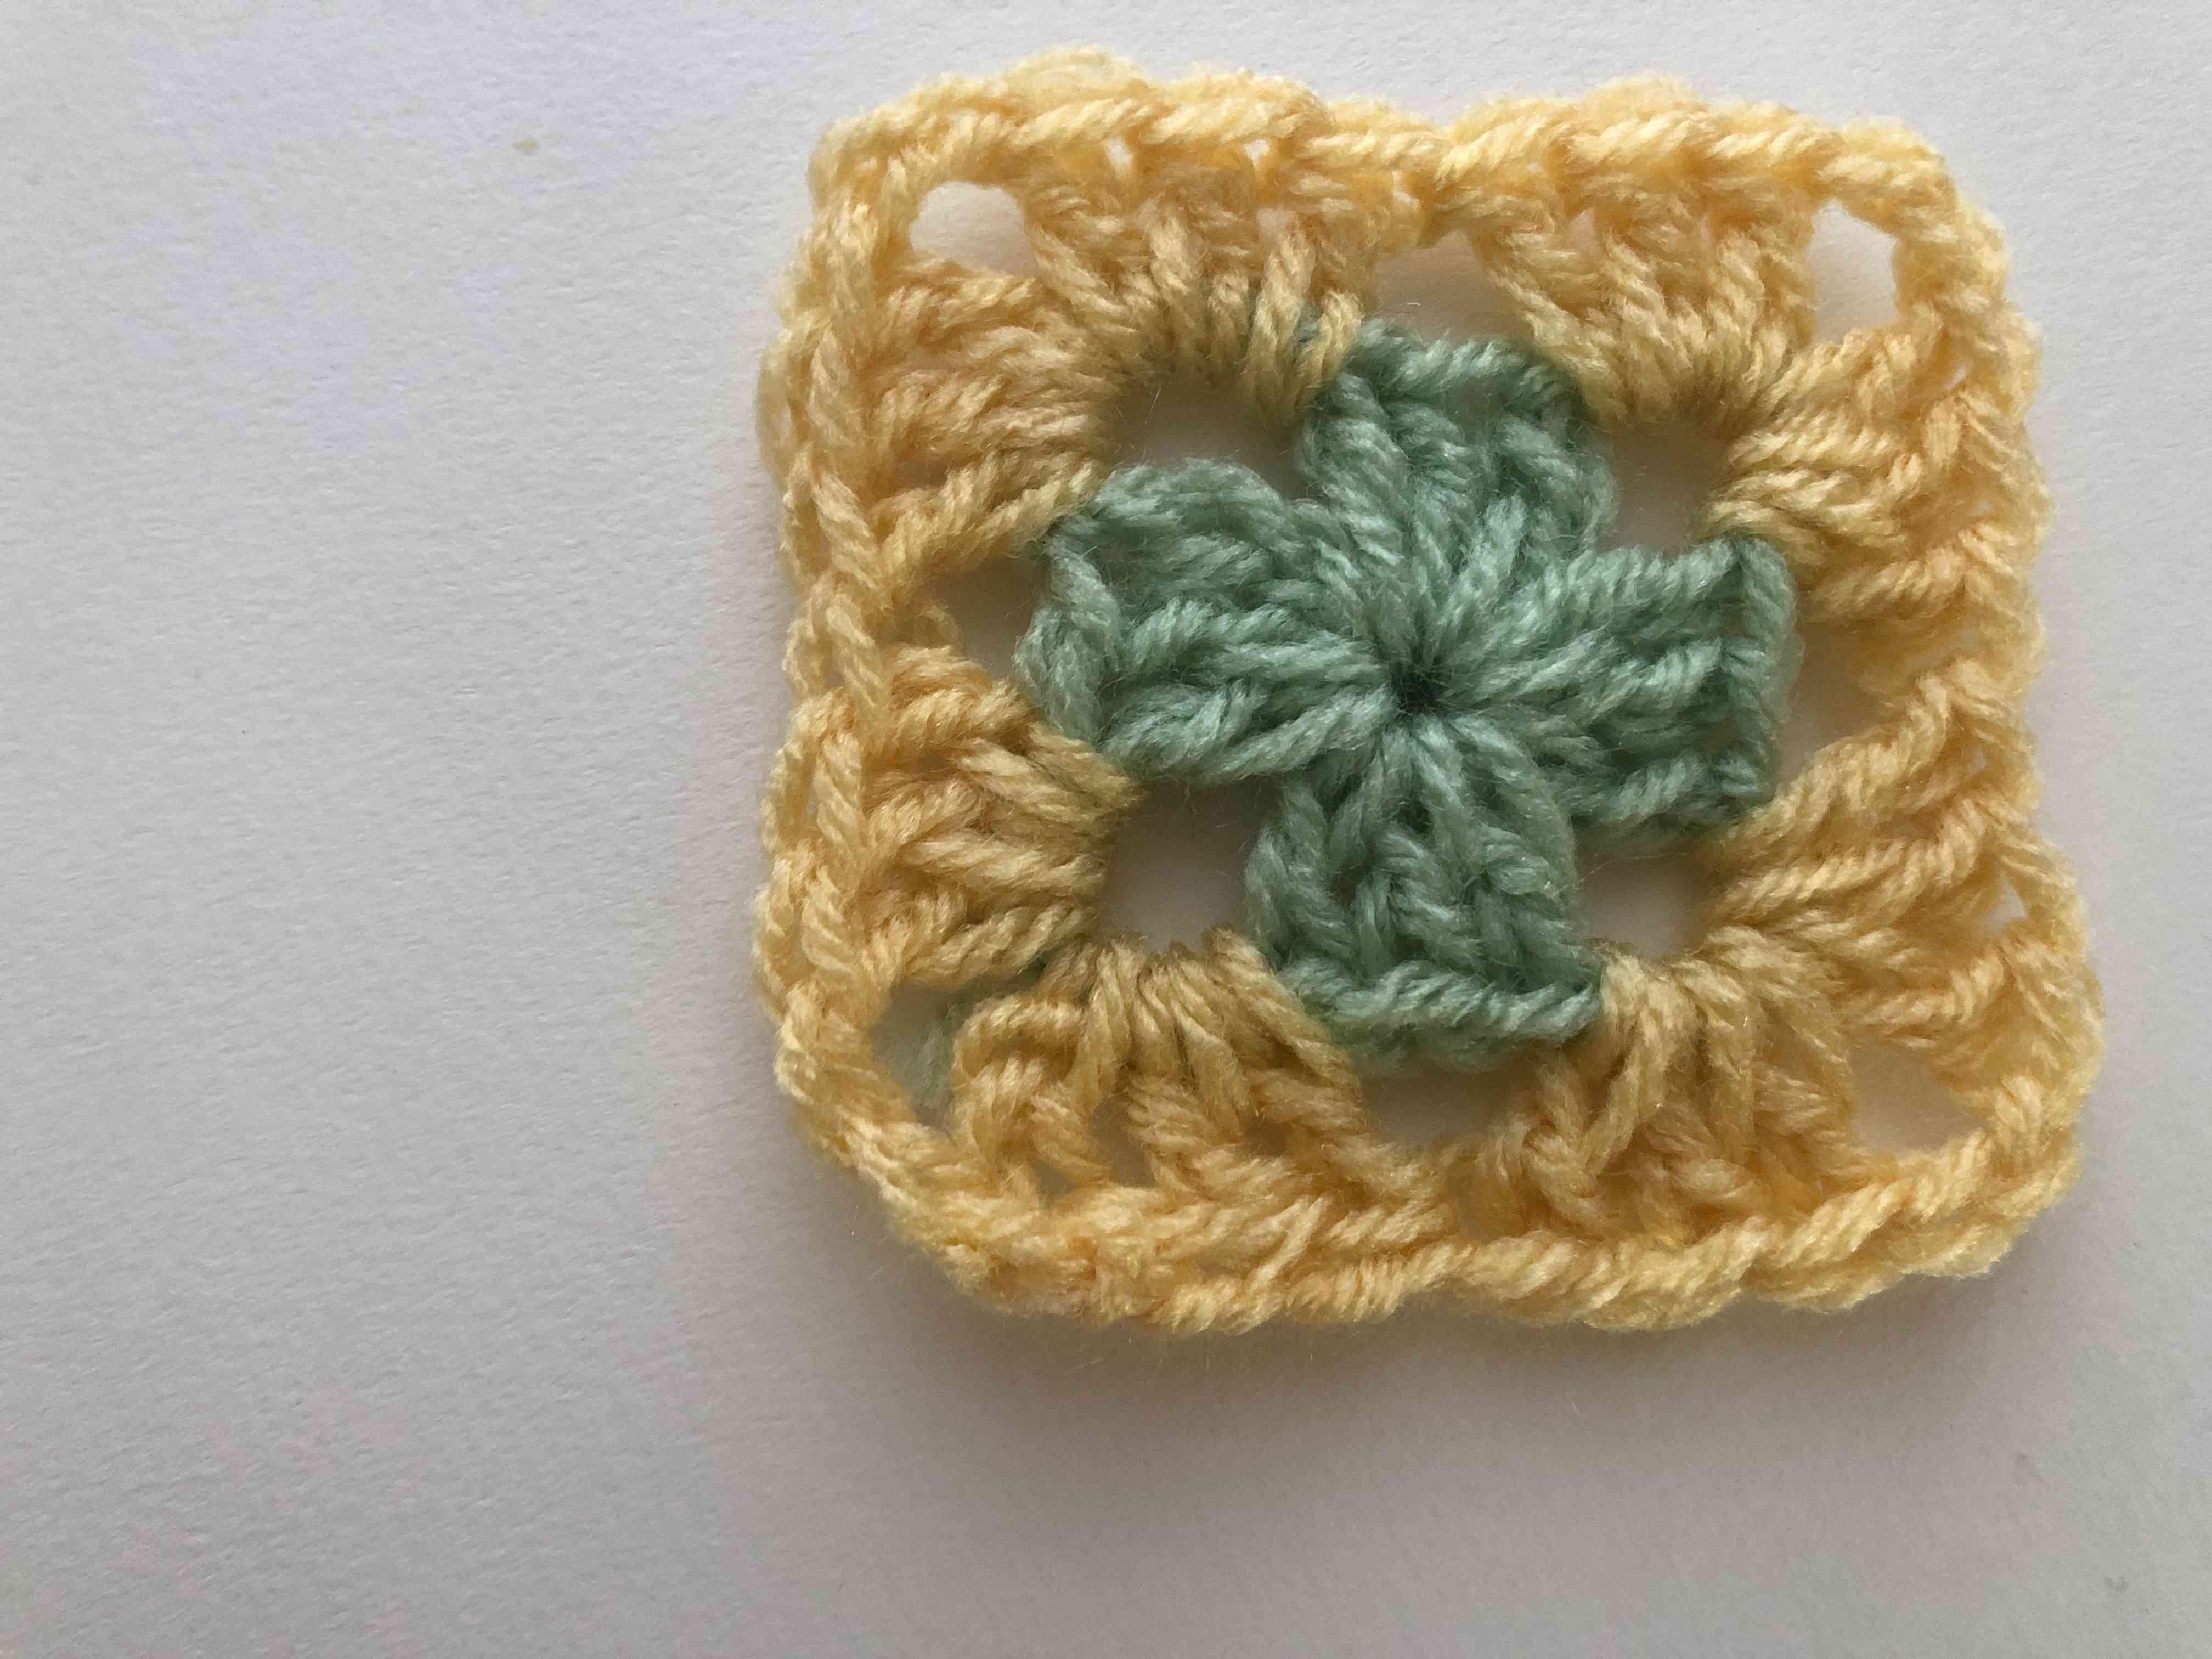 2 round crochet granny square